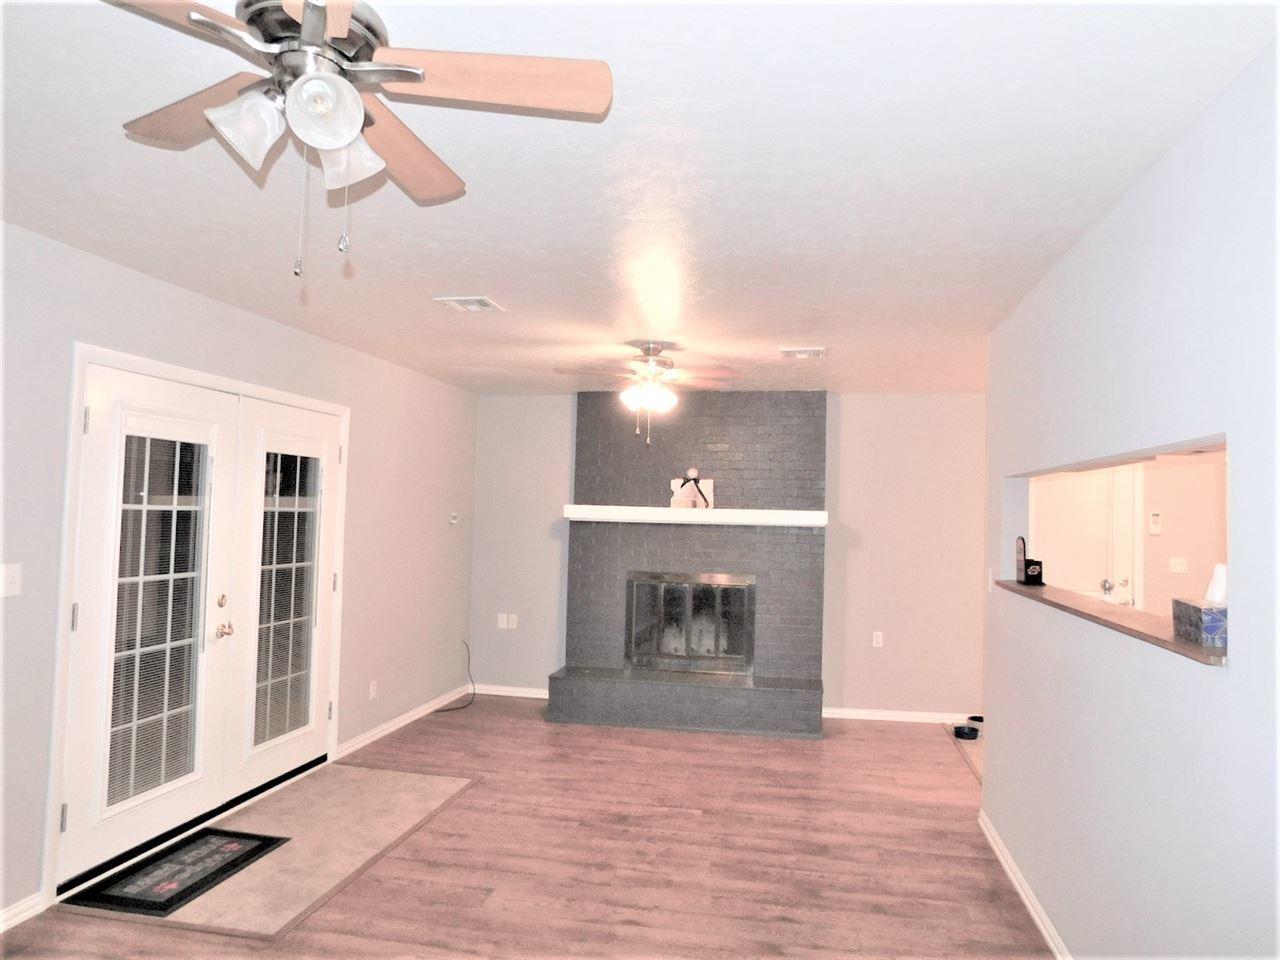 Sold Intraoffice W/MLS | 1200 Coronado Ponca City, OK 74604 8